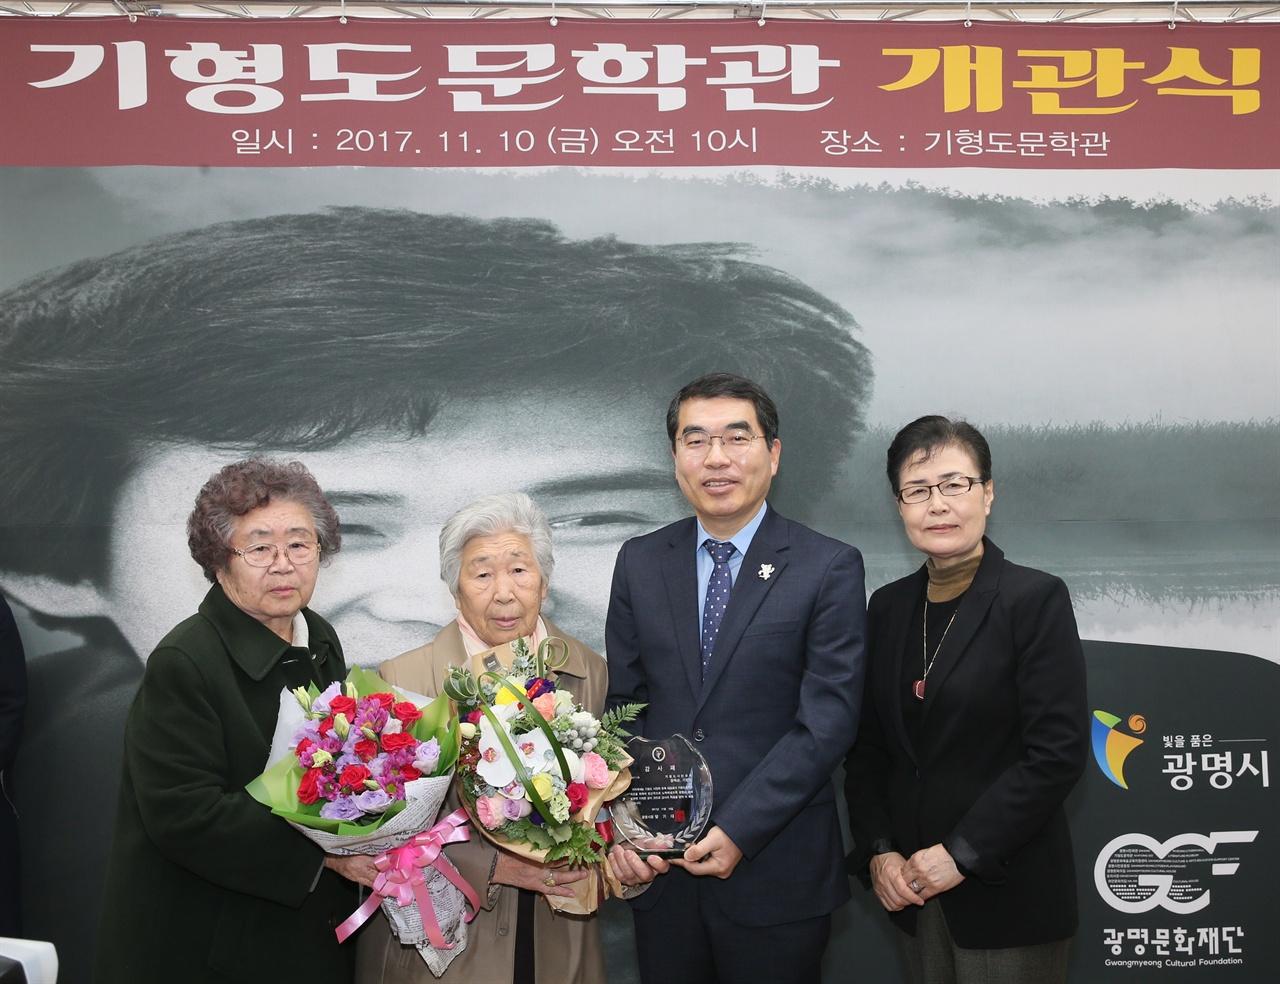 시인의 누나인 기향도 씨를 명예관장으로 위촉 시인의 어머니 장옥순 여사(왼쪽에서 두번째),양기대광명시장(가운데), 누나 기향도(오른쪽 끝)